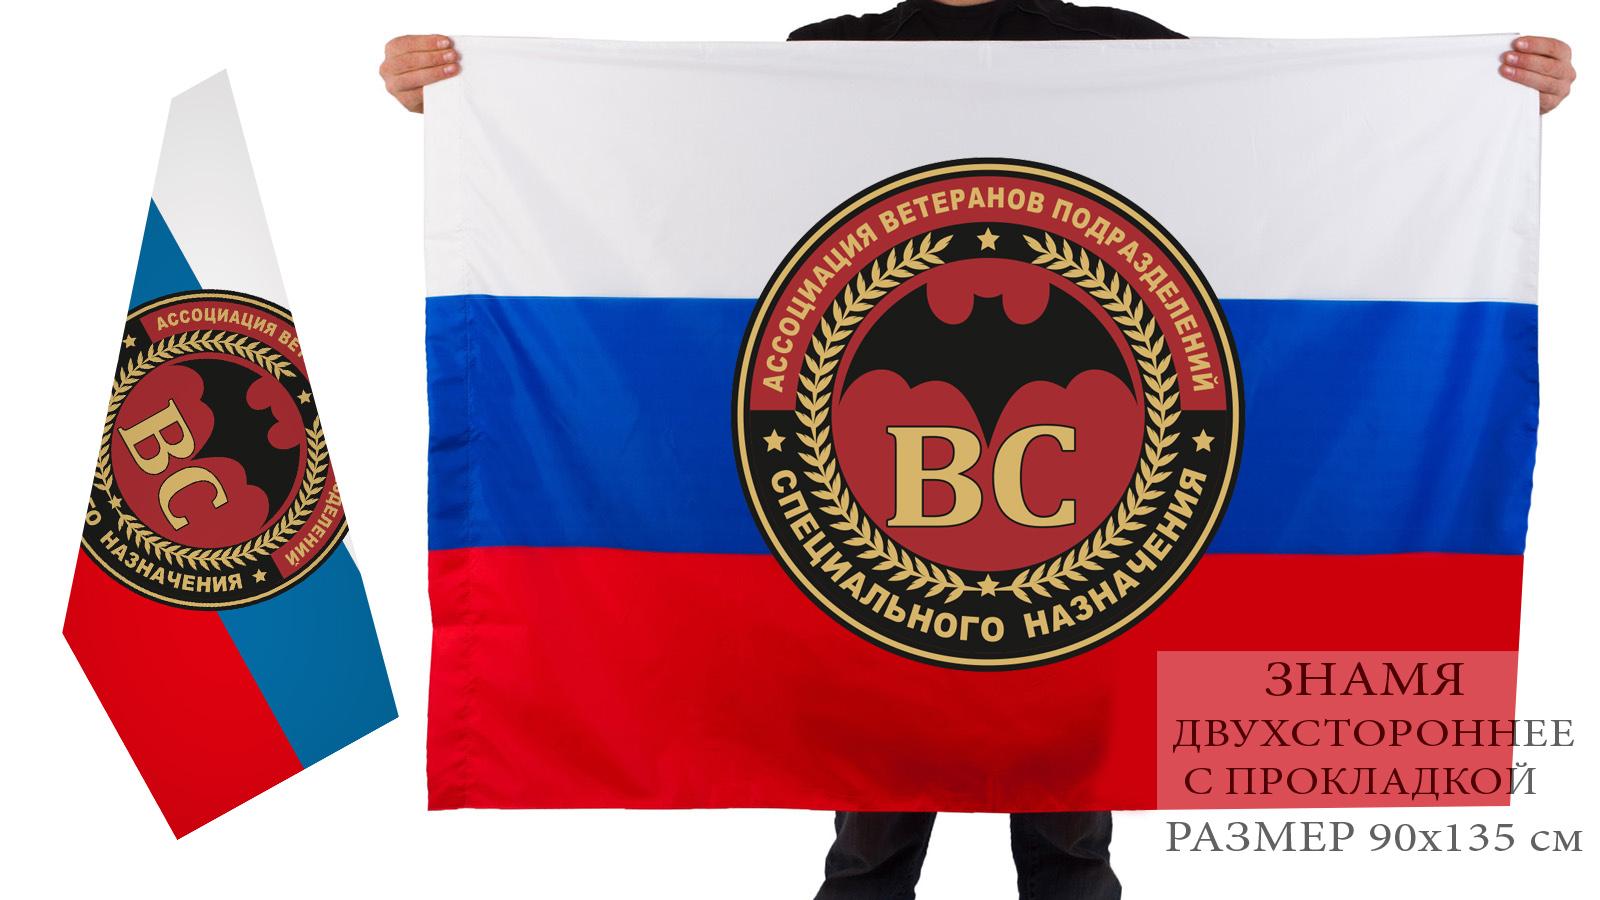 Двусторонний флаг ассоциации ветеранов войск спецподразделений